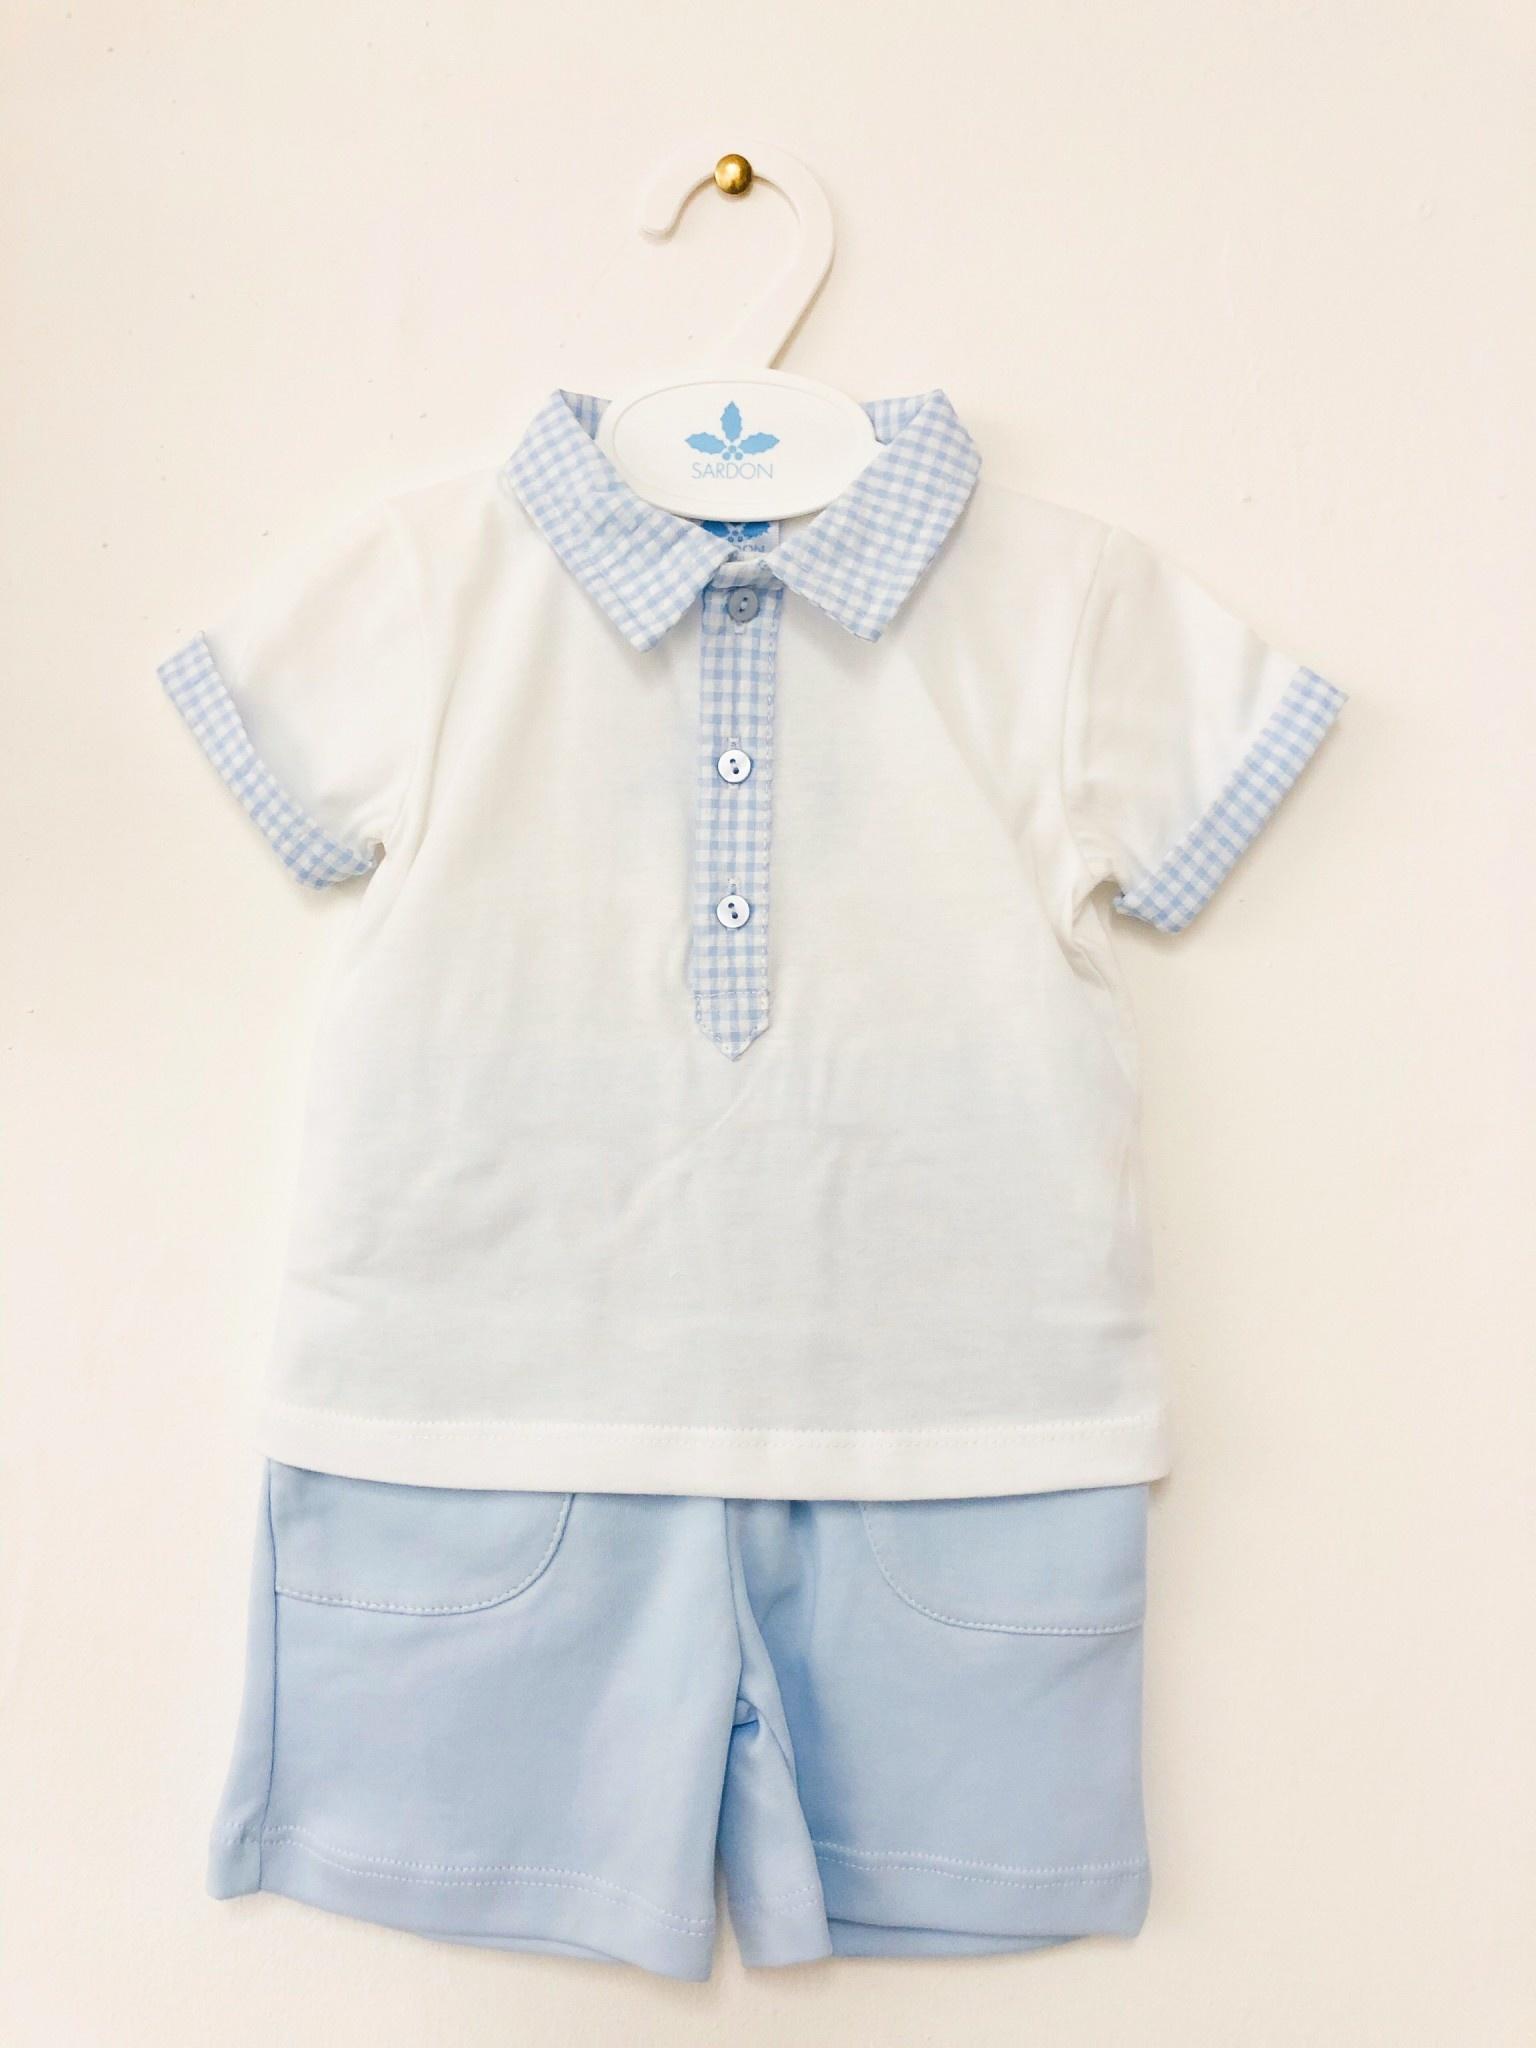 Sardon Sardon 20CO-528 Check Collar & Shorts Set